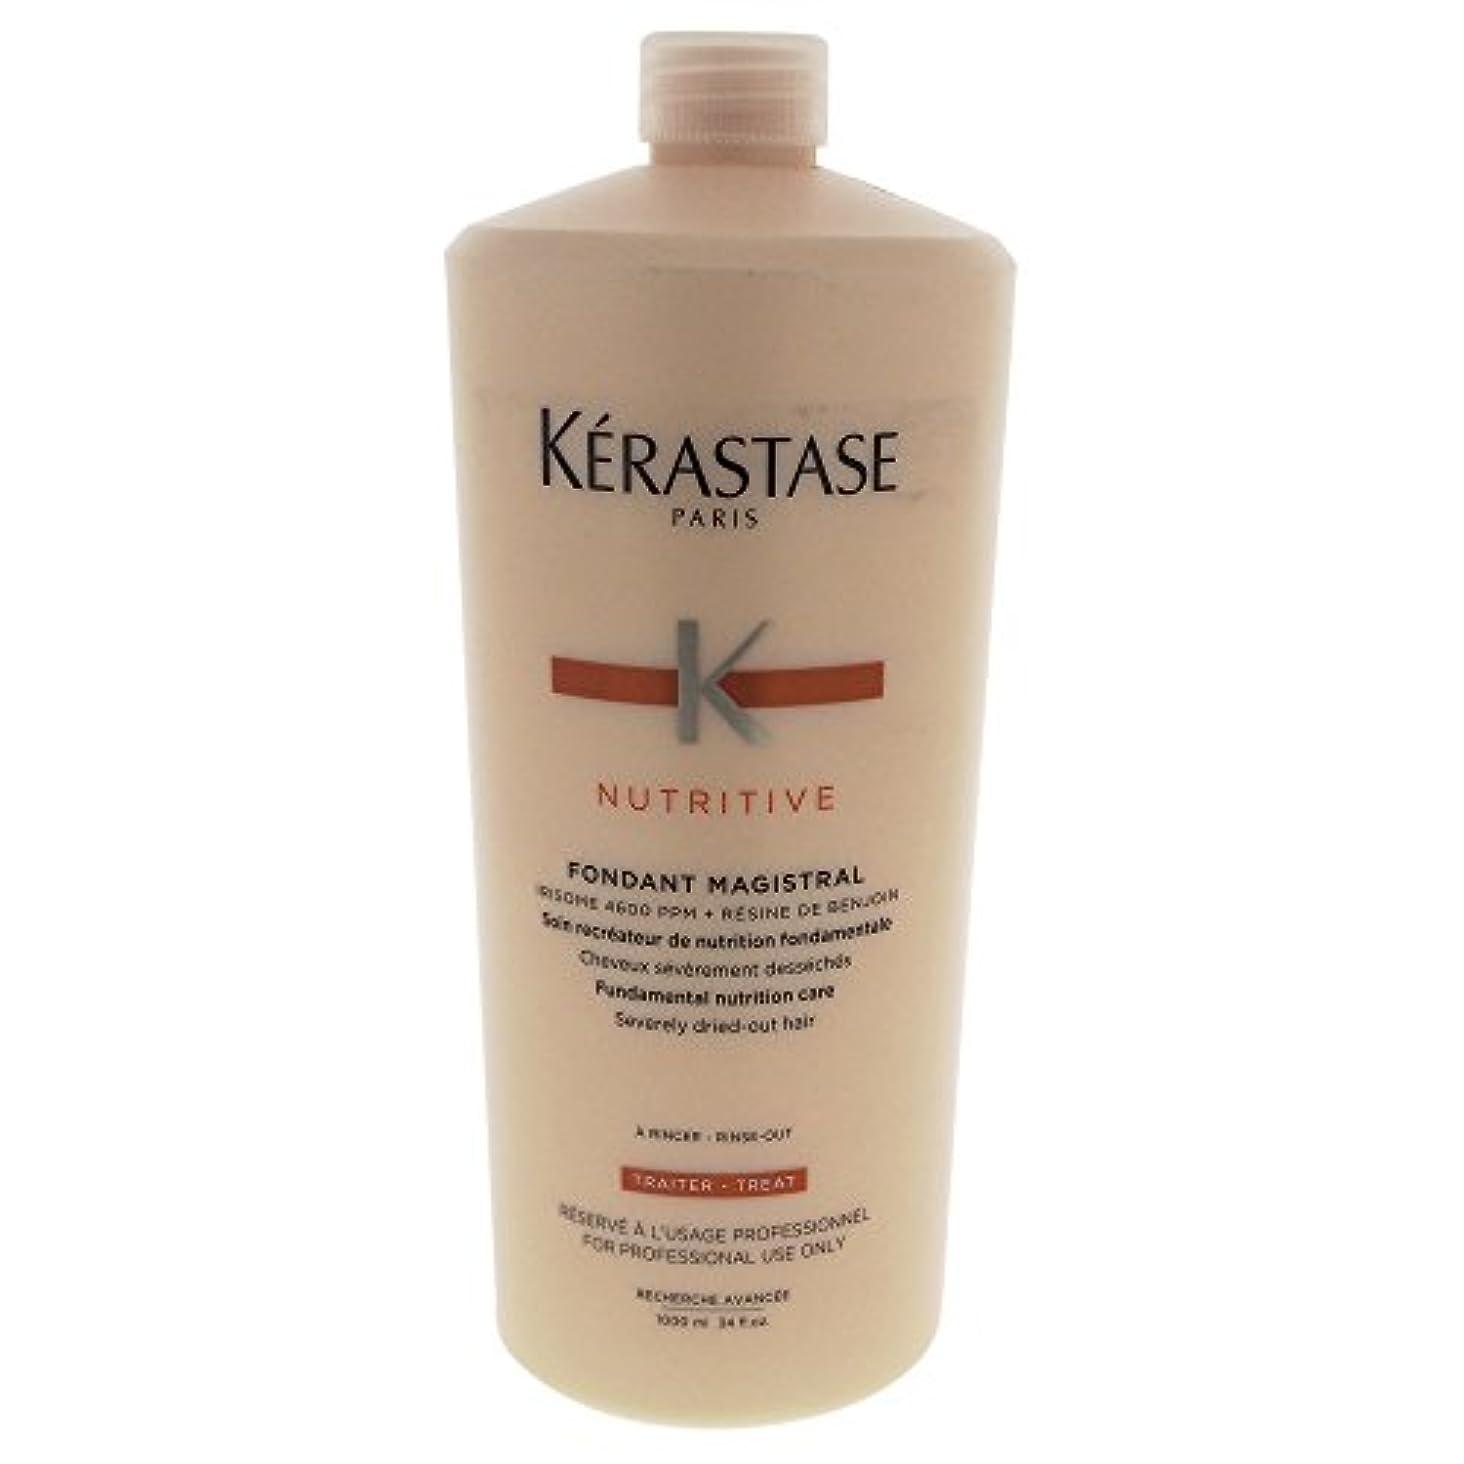 ケラスターゼ(KERASTASE) ニュートリティブ NU フォンダン マジストラル 1000ml [並行輸入品]